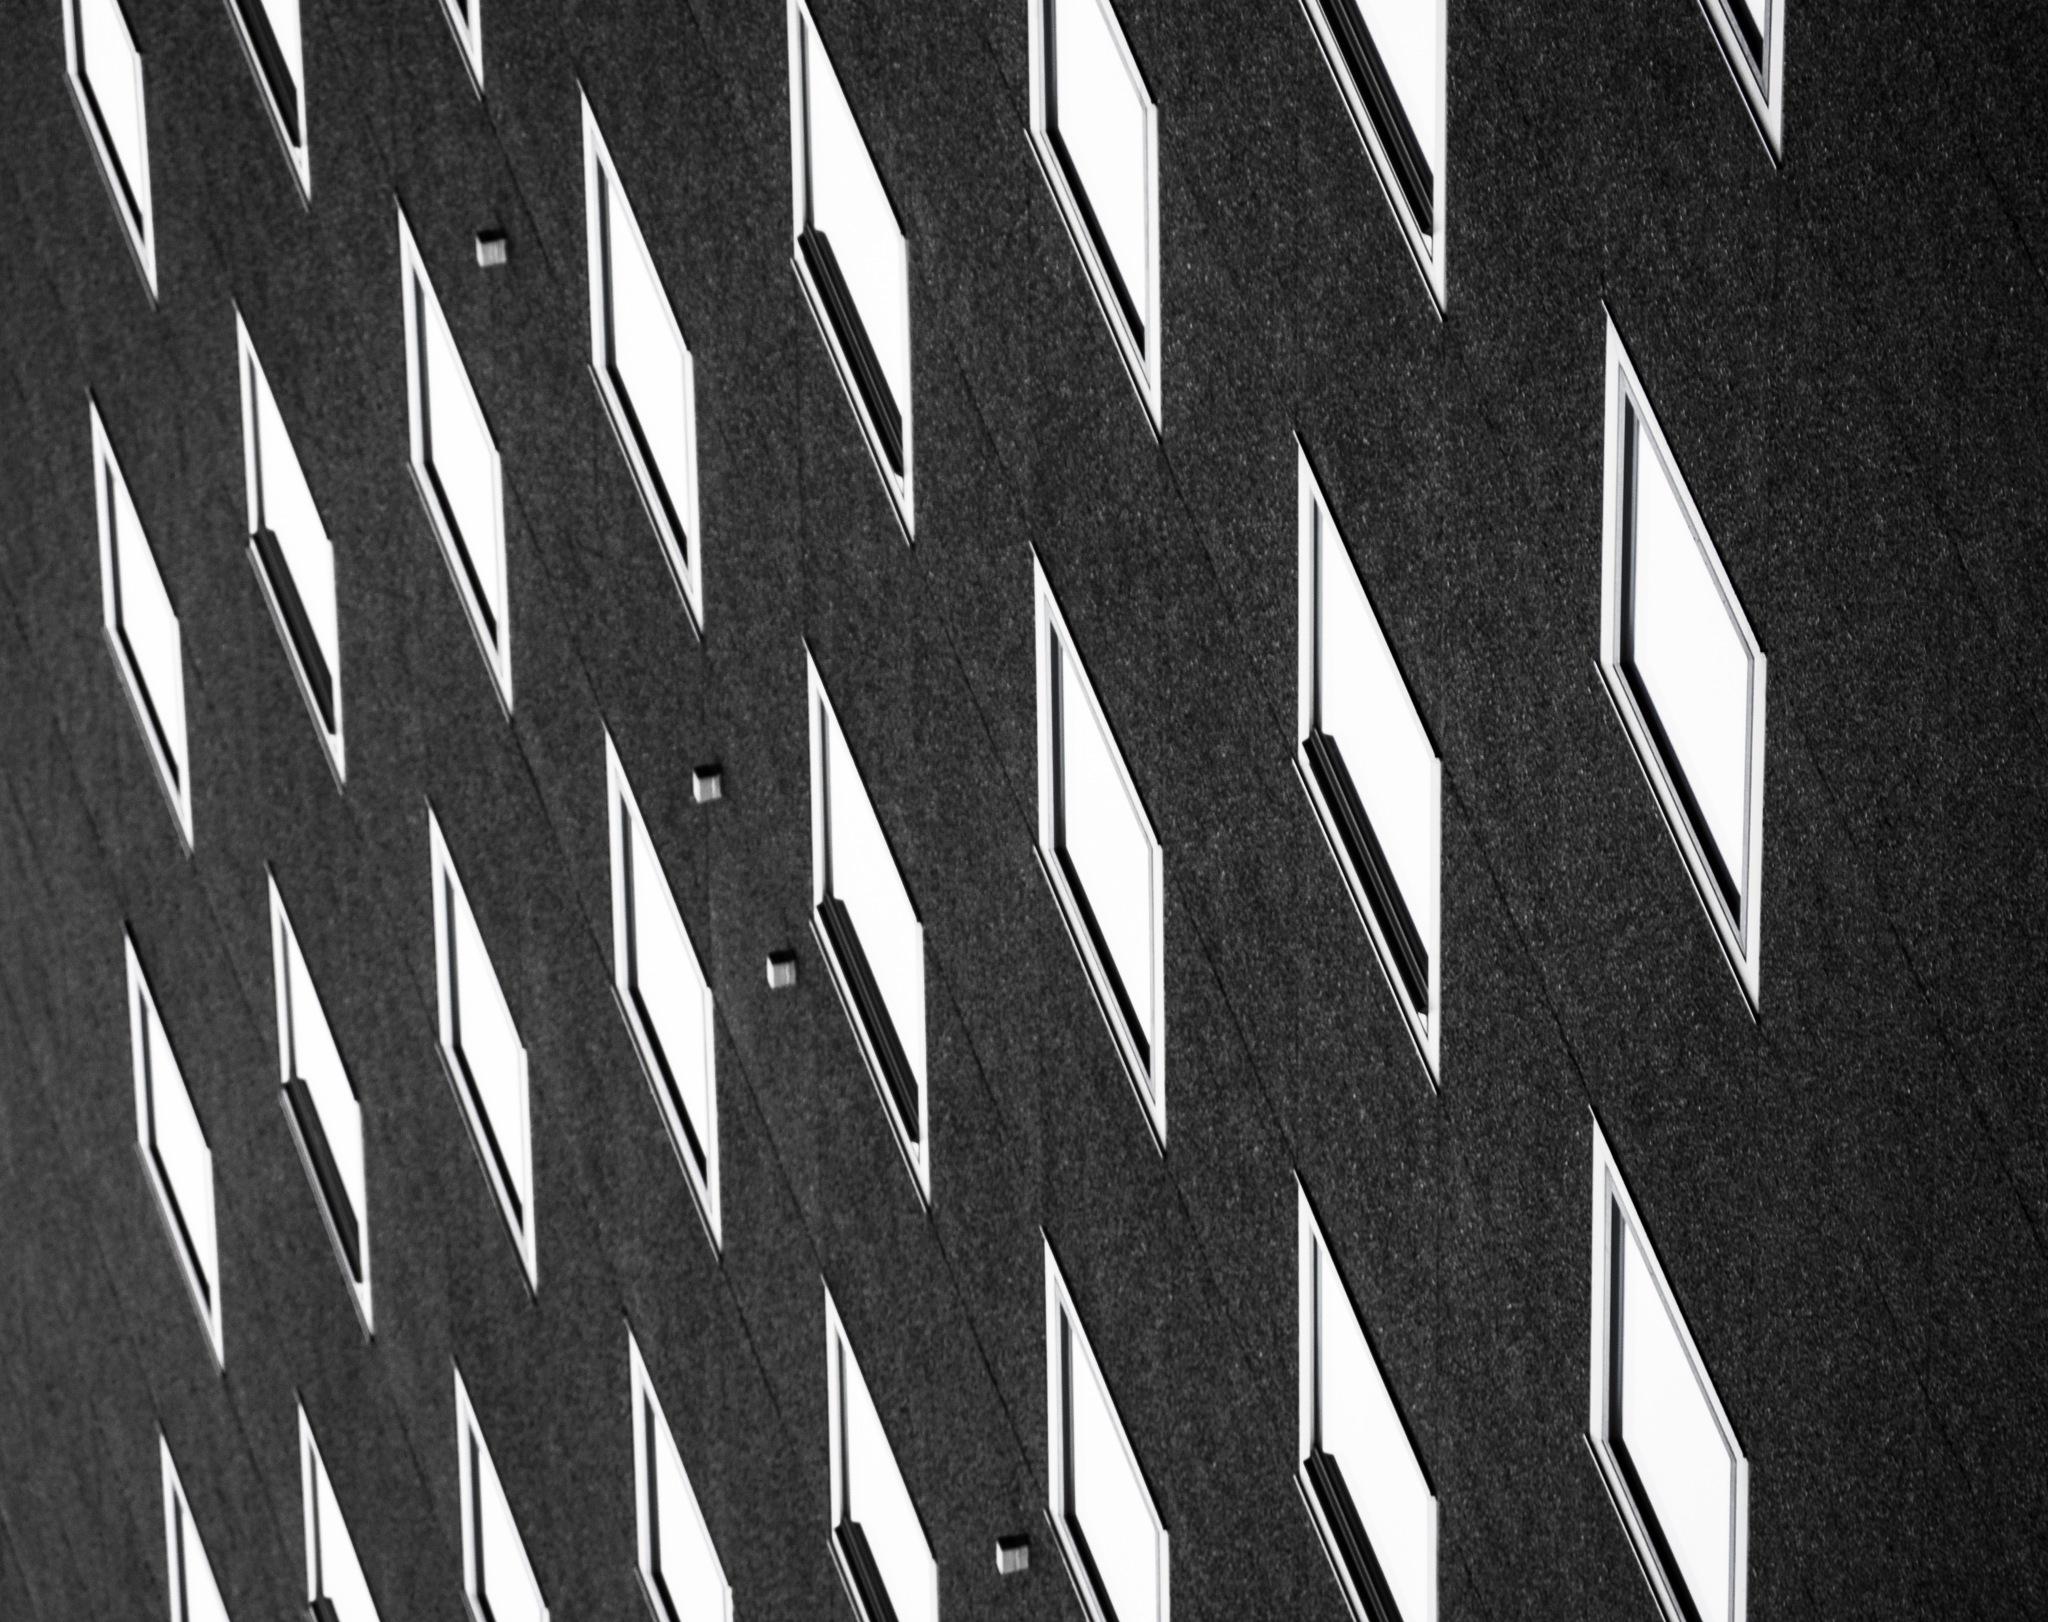 Look twice by DavidZisky